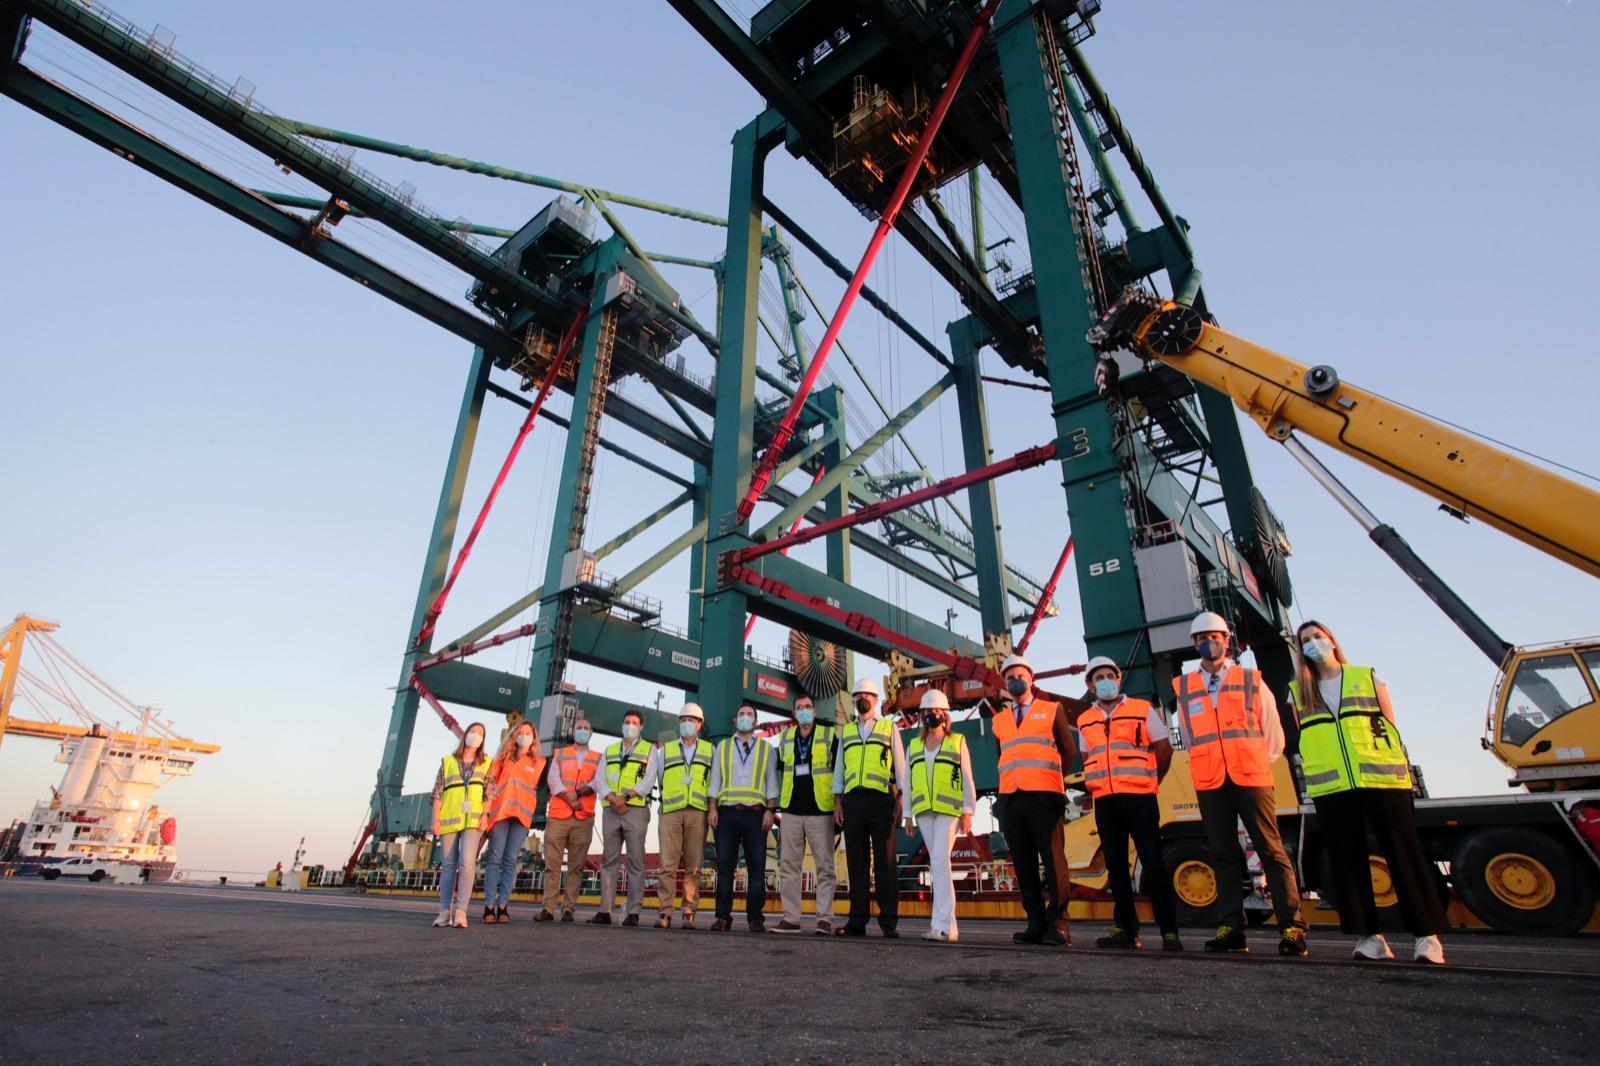 El Puerto de Huelva licita la construcción y explotación de una terminal de contenedores en el Muelle Sur